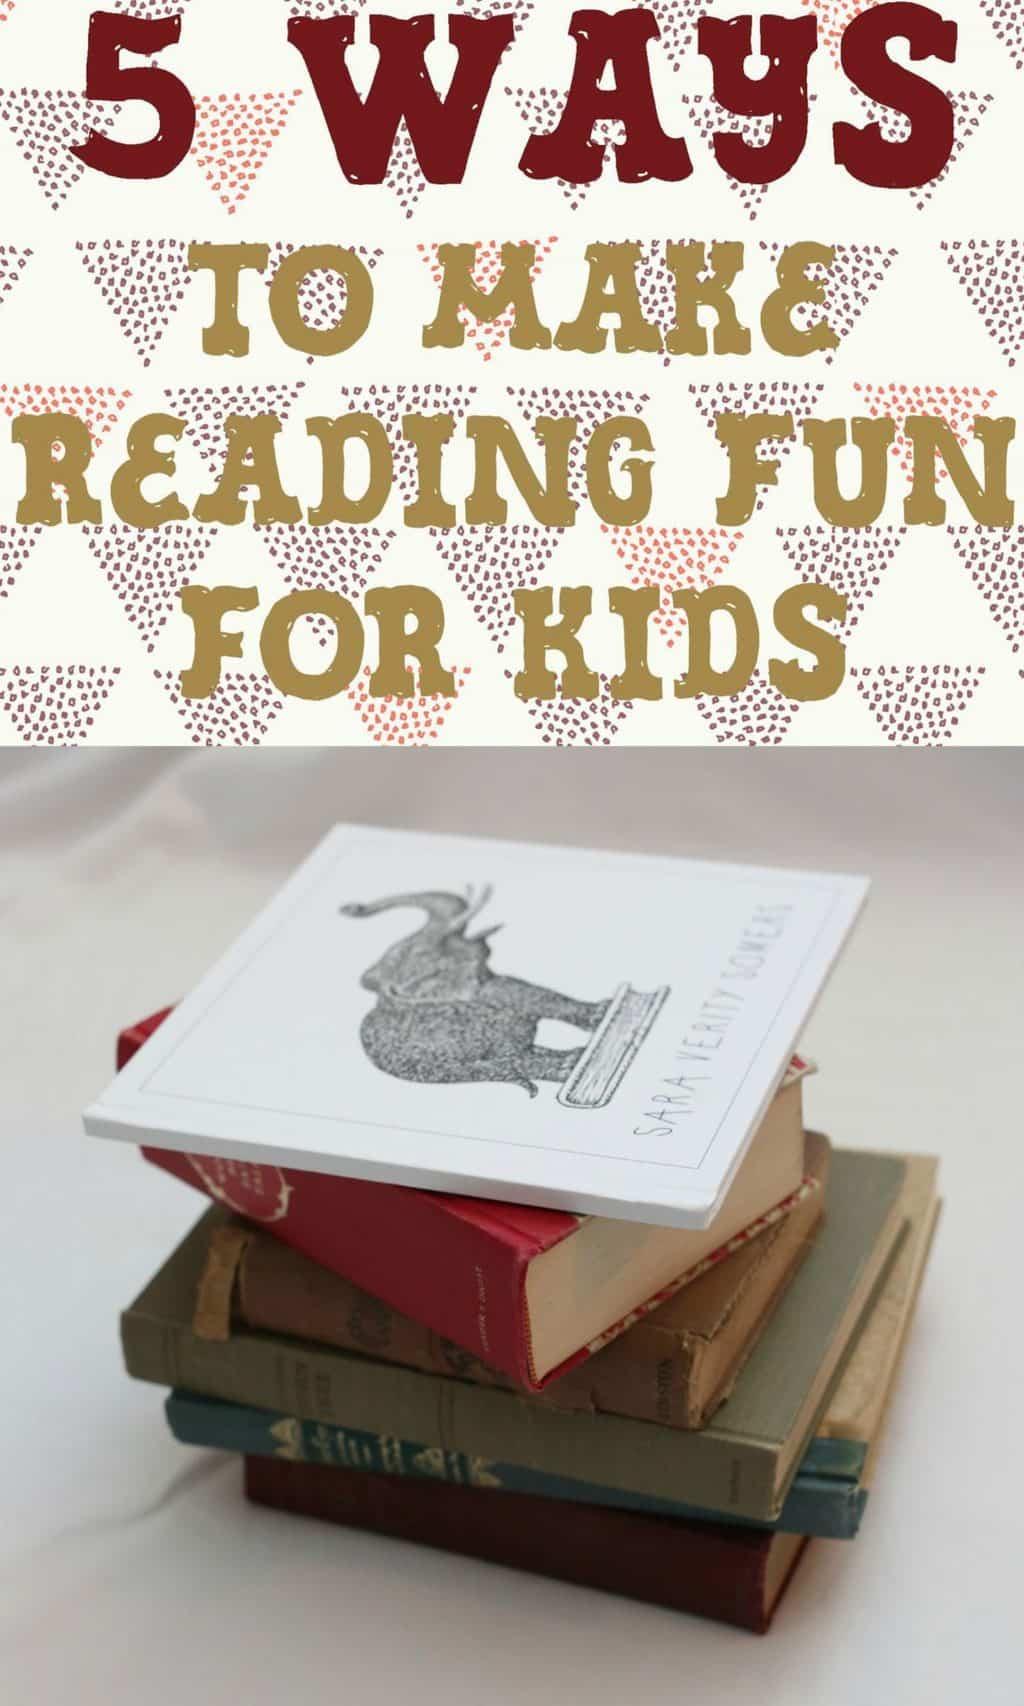 make reading fun for kids